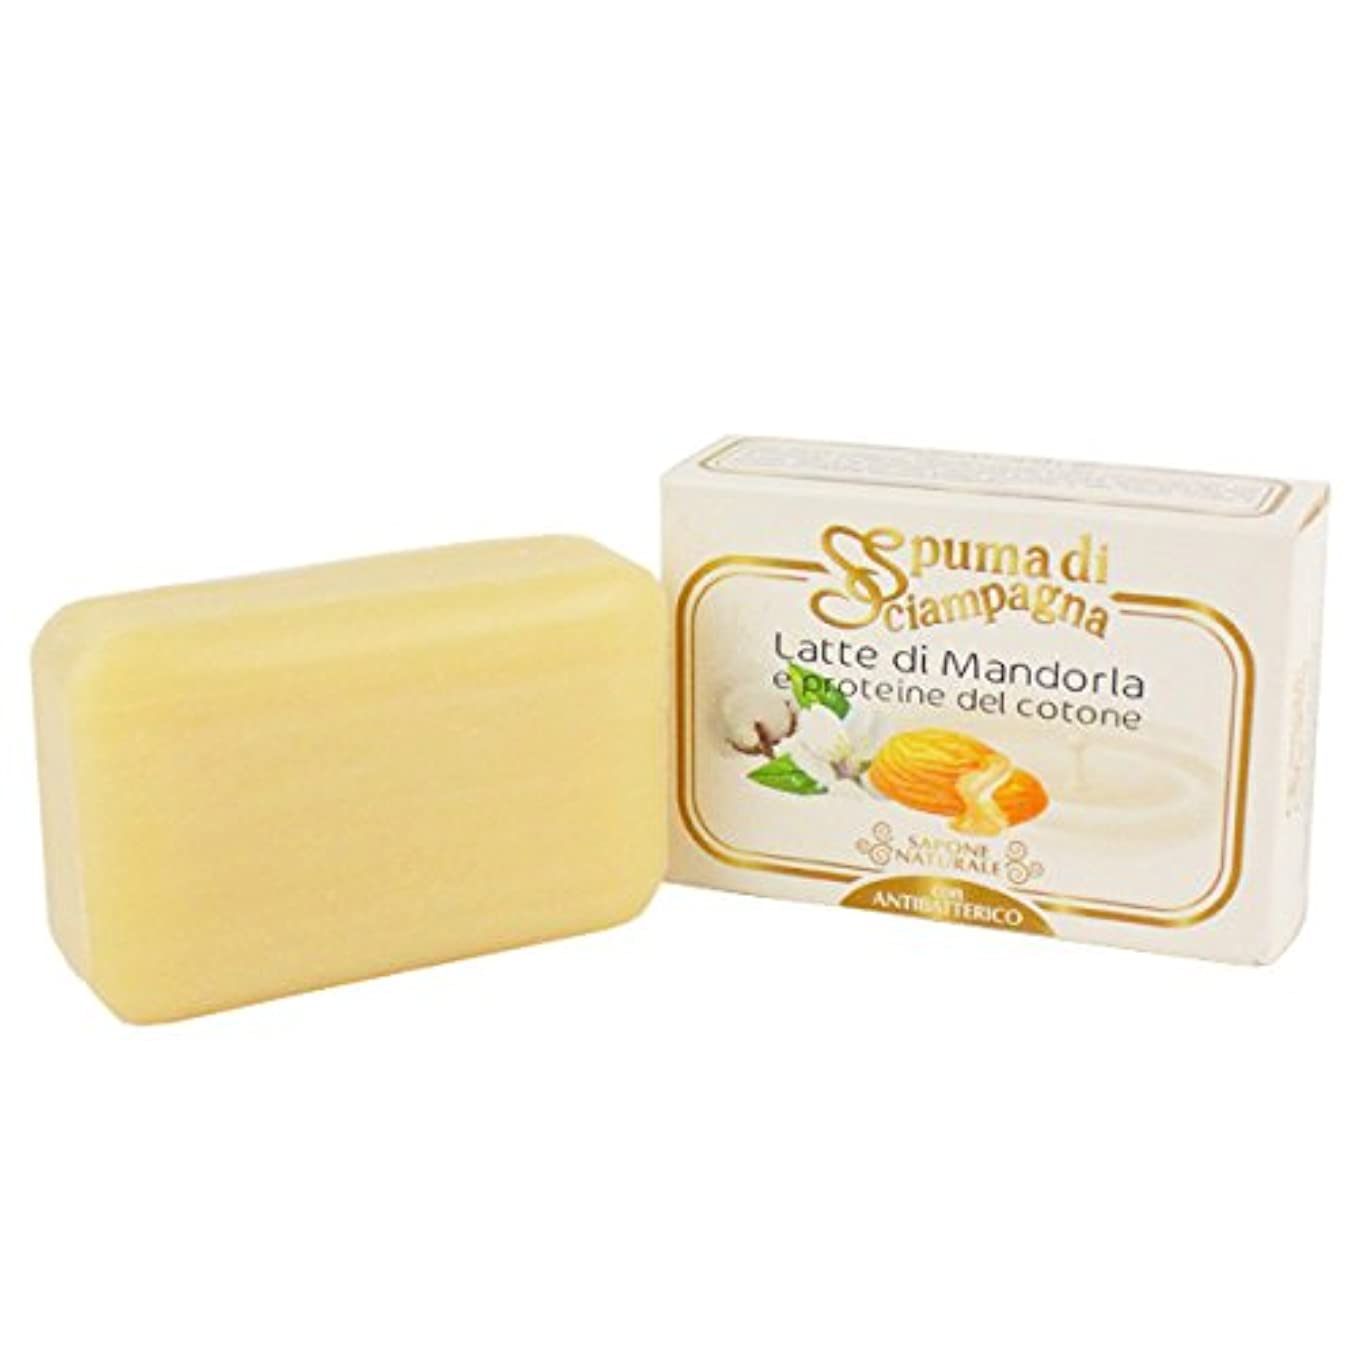 辛い可能性あなたが良くなりますSpuma di Sciampagna (スプーマ ディ シャンパーニャ) ナチュラルソープ 化粧石けん 145g アーモンドの香り